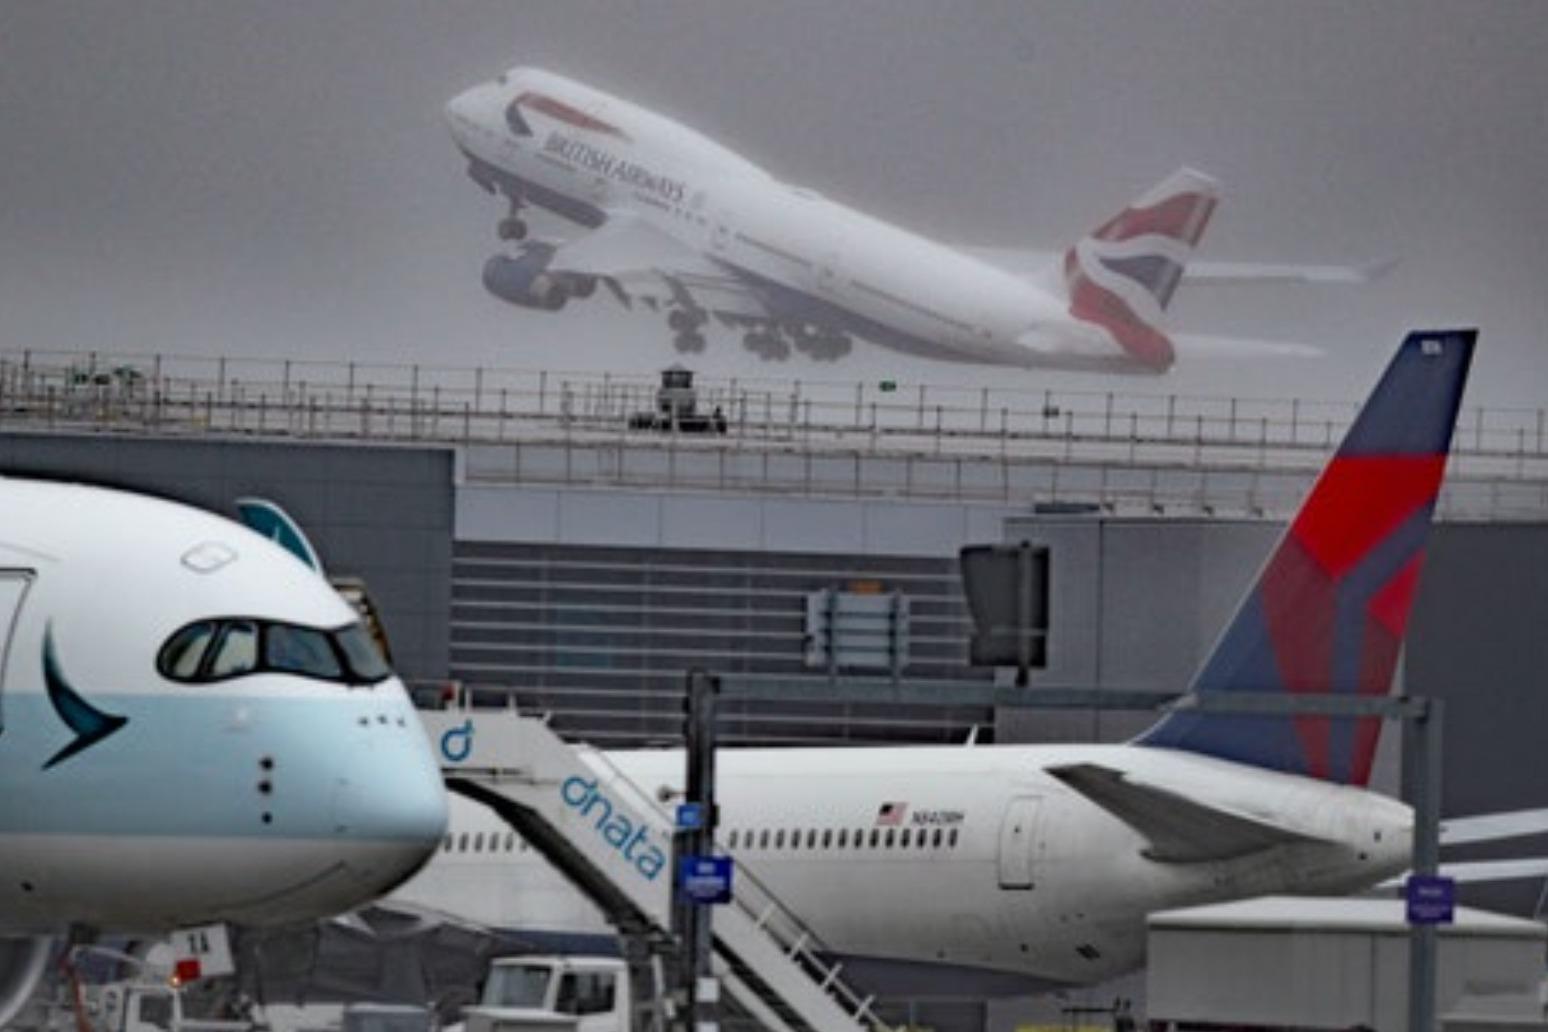 Boeing 747: BA's Queen Of the Skies depart from Heathrow in final flights